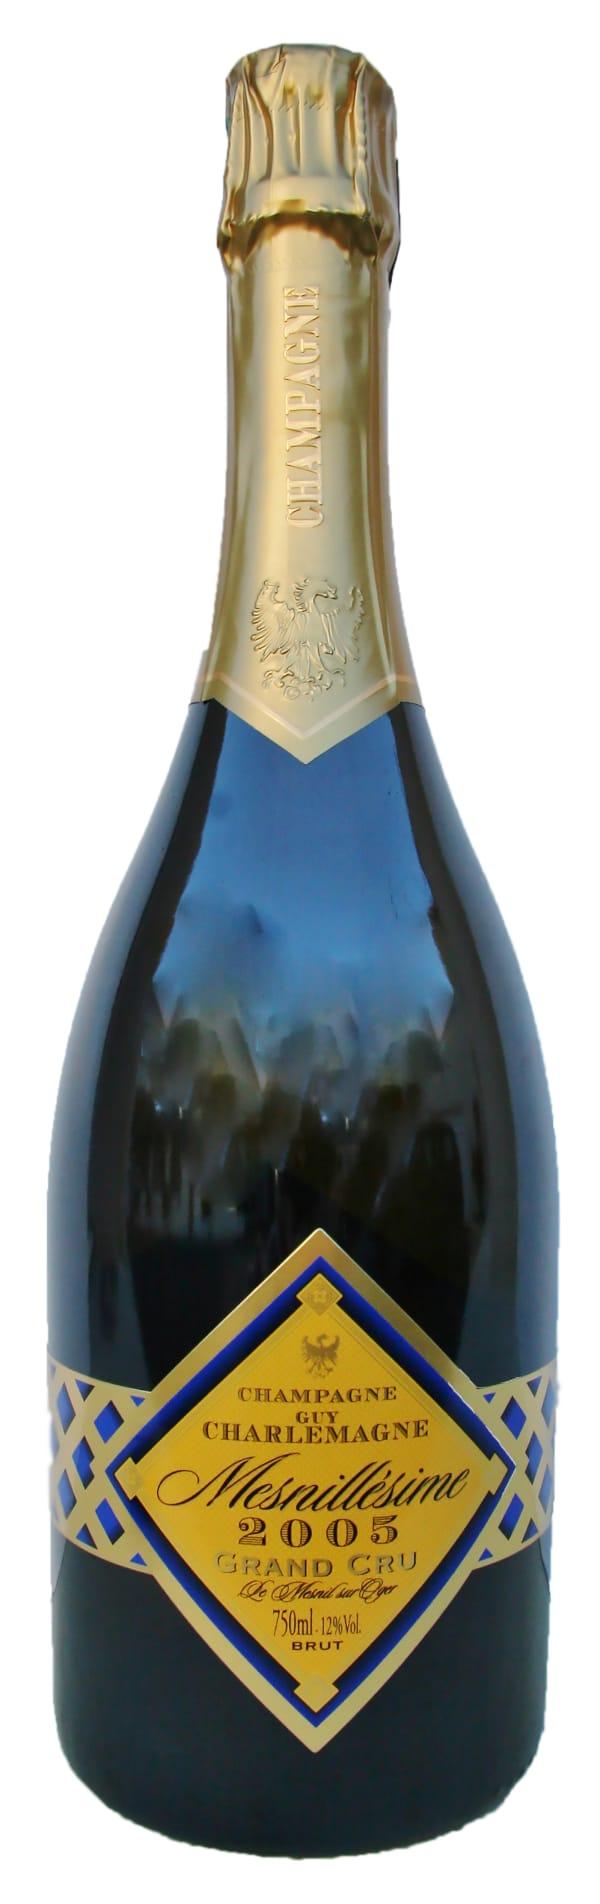 Guy Charlemagne Mesnillèsime Champagne Brut  2008